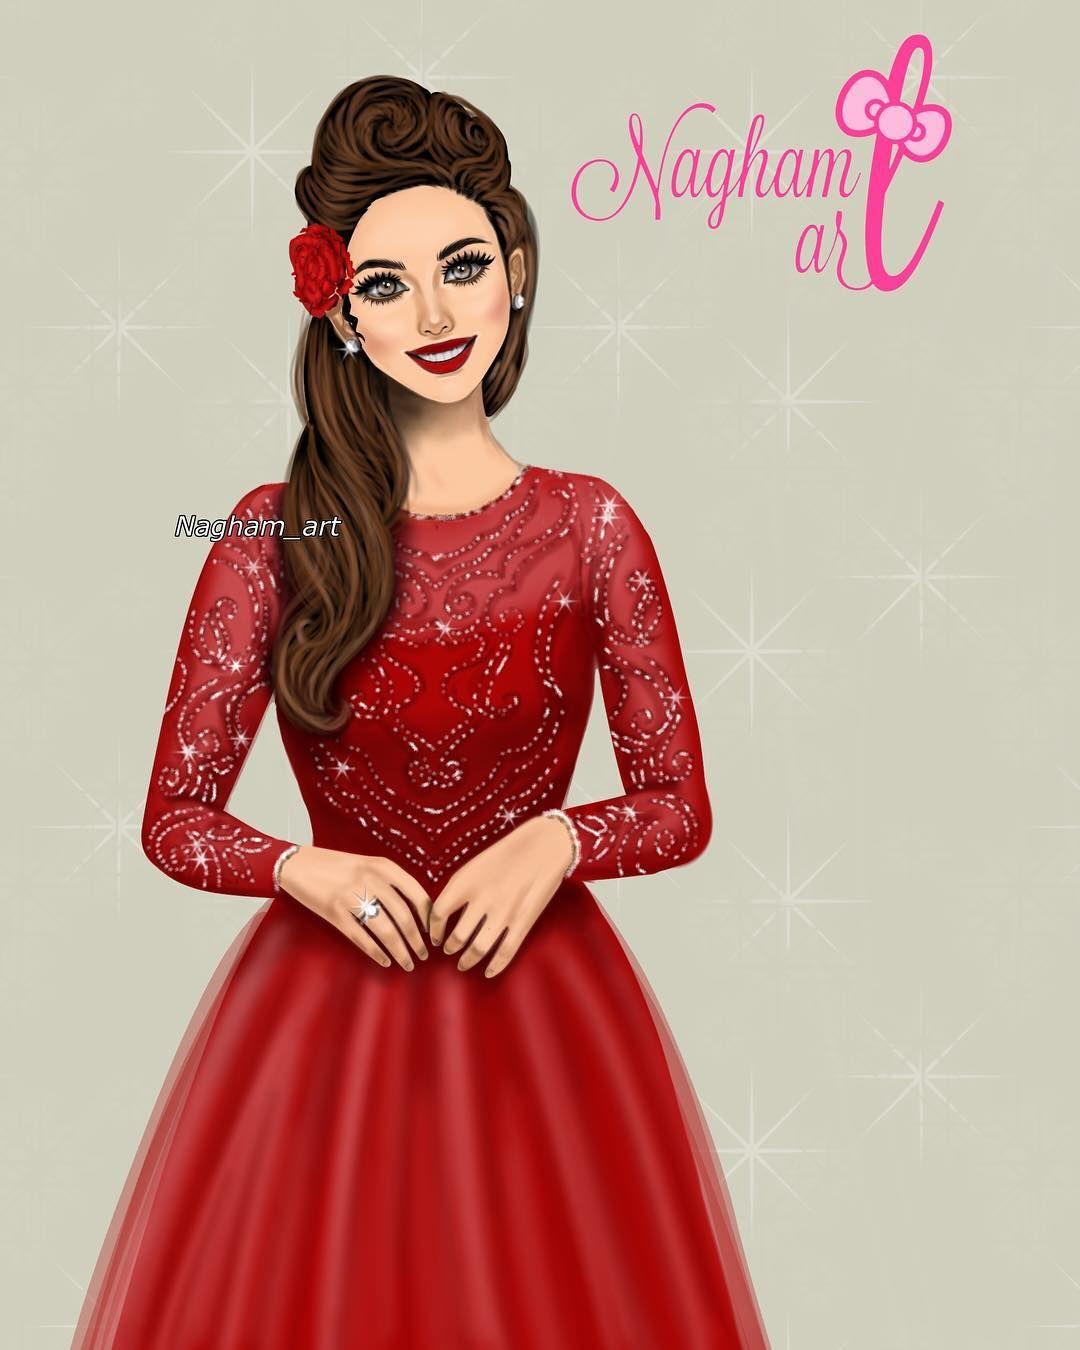 خلفيات بنات كرتونيه رمزيات كرتون للبنات Lovely Girl Image Dress Design Sketches Dress Sketches